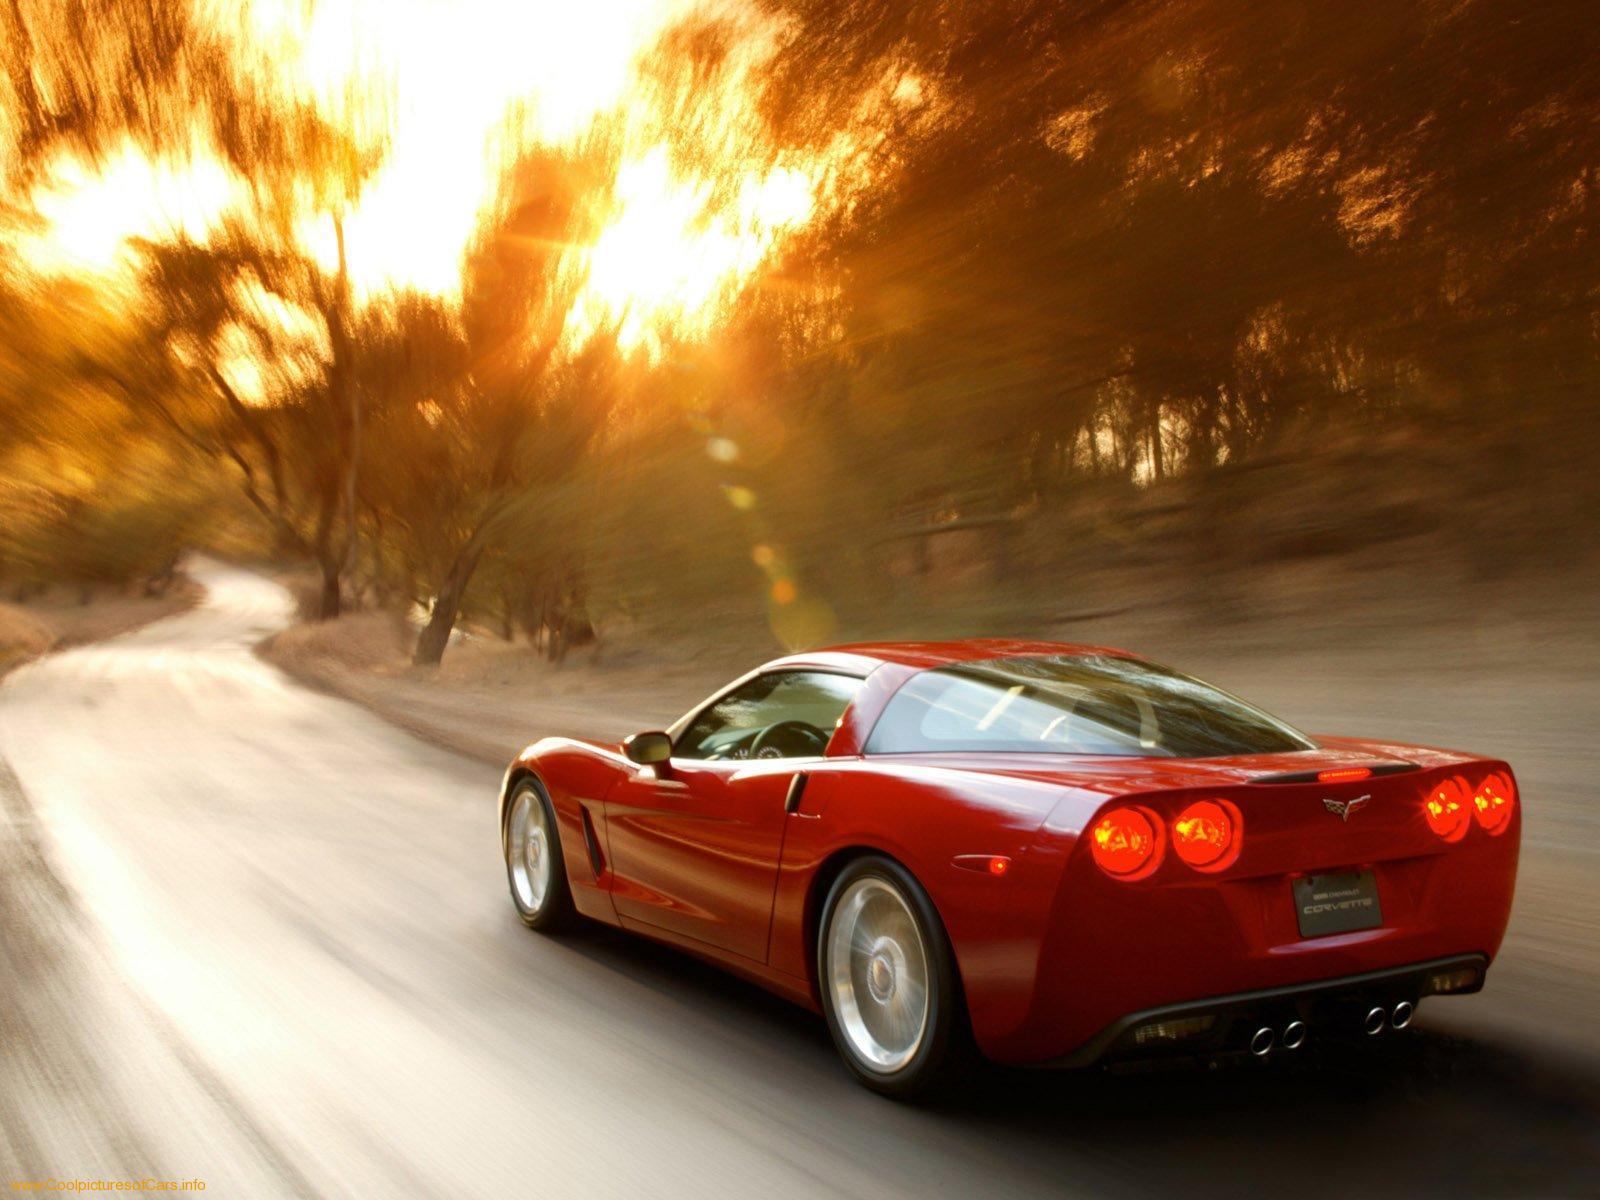 http://2.bp.blogspot.com/-tgQqzCY5SAM/T2HFvVrn2cI/AAAAAAAABew/OR1YhKXezpQ/s1600/Chevrolet-Corvette-C6-002-1.jpeg